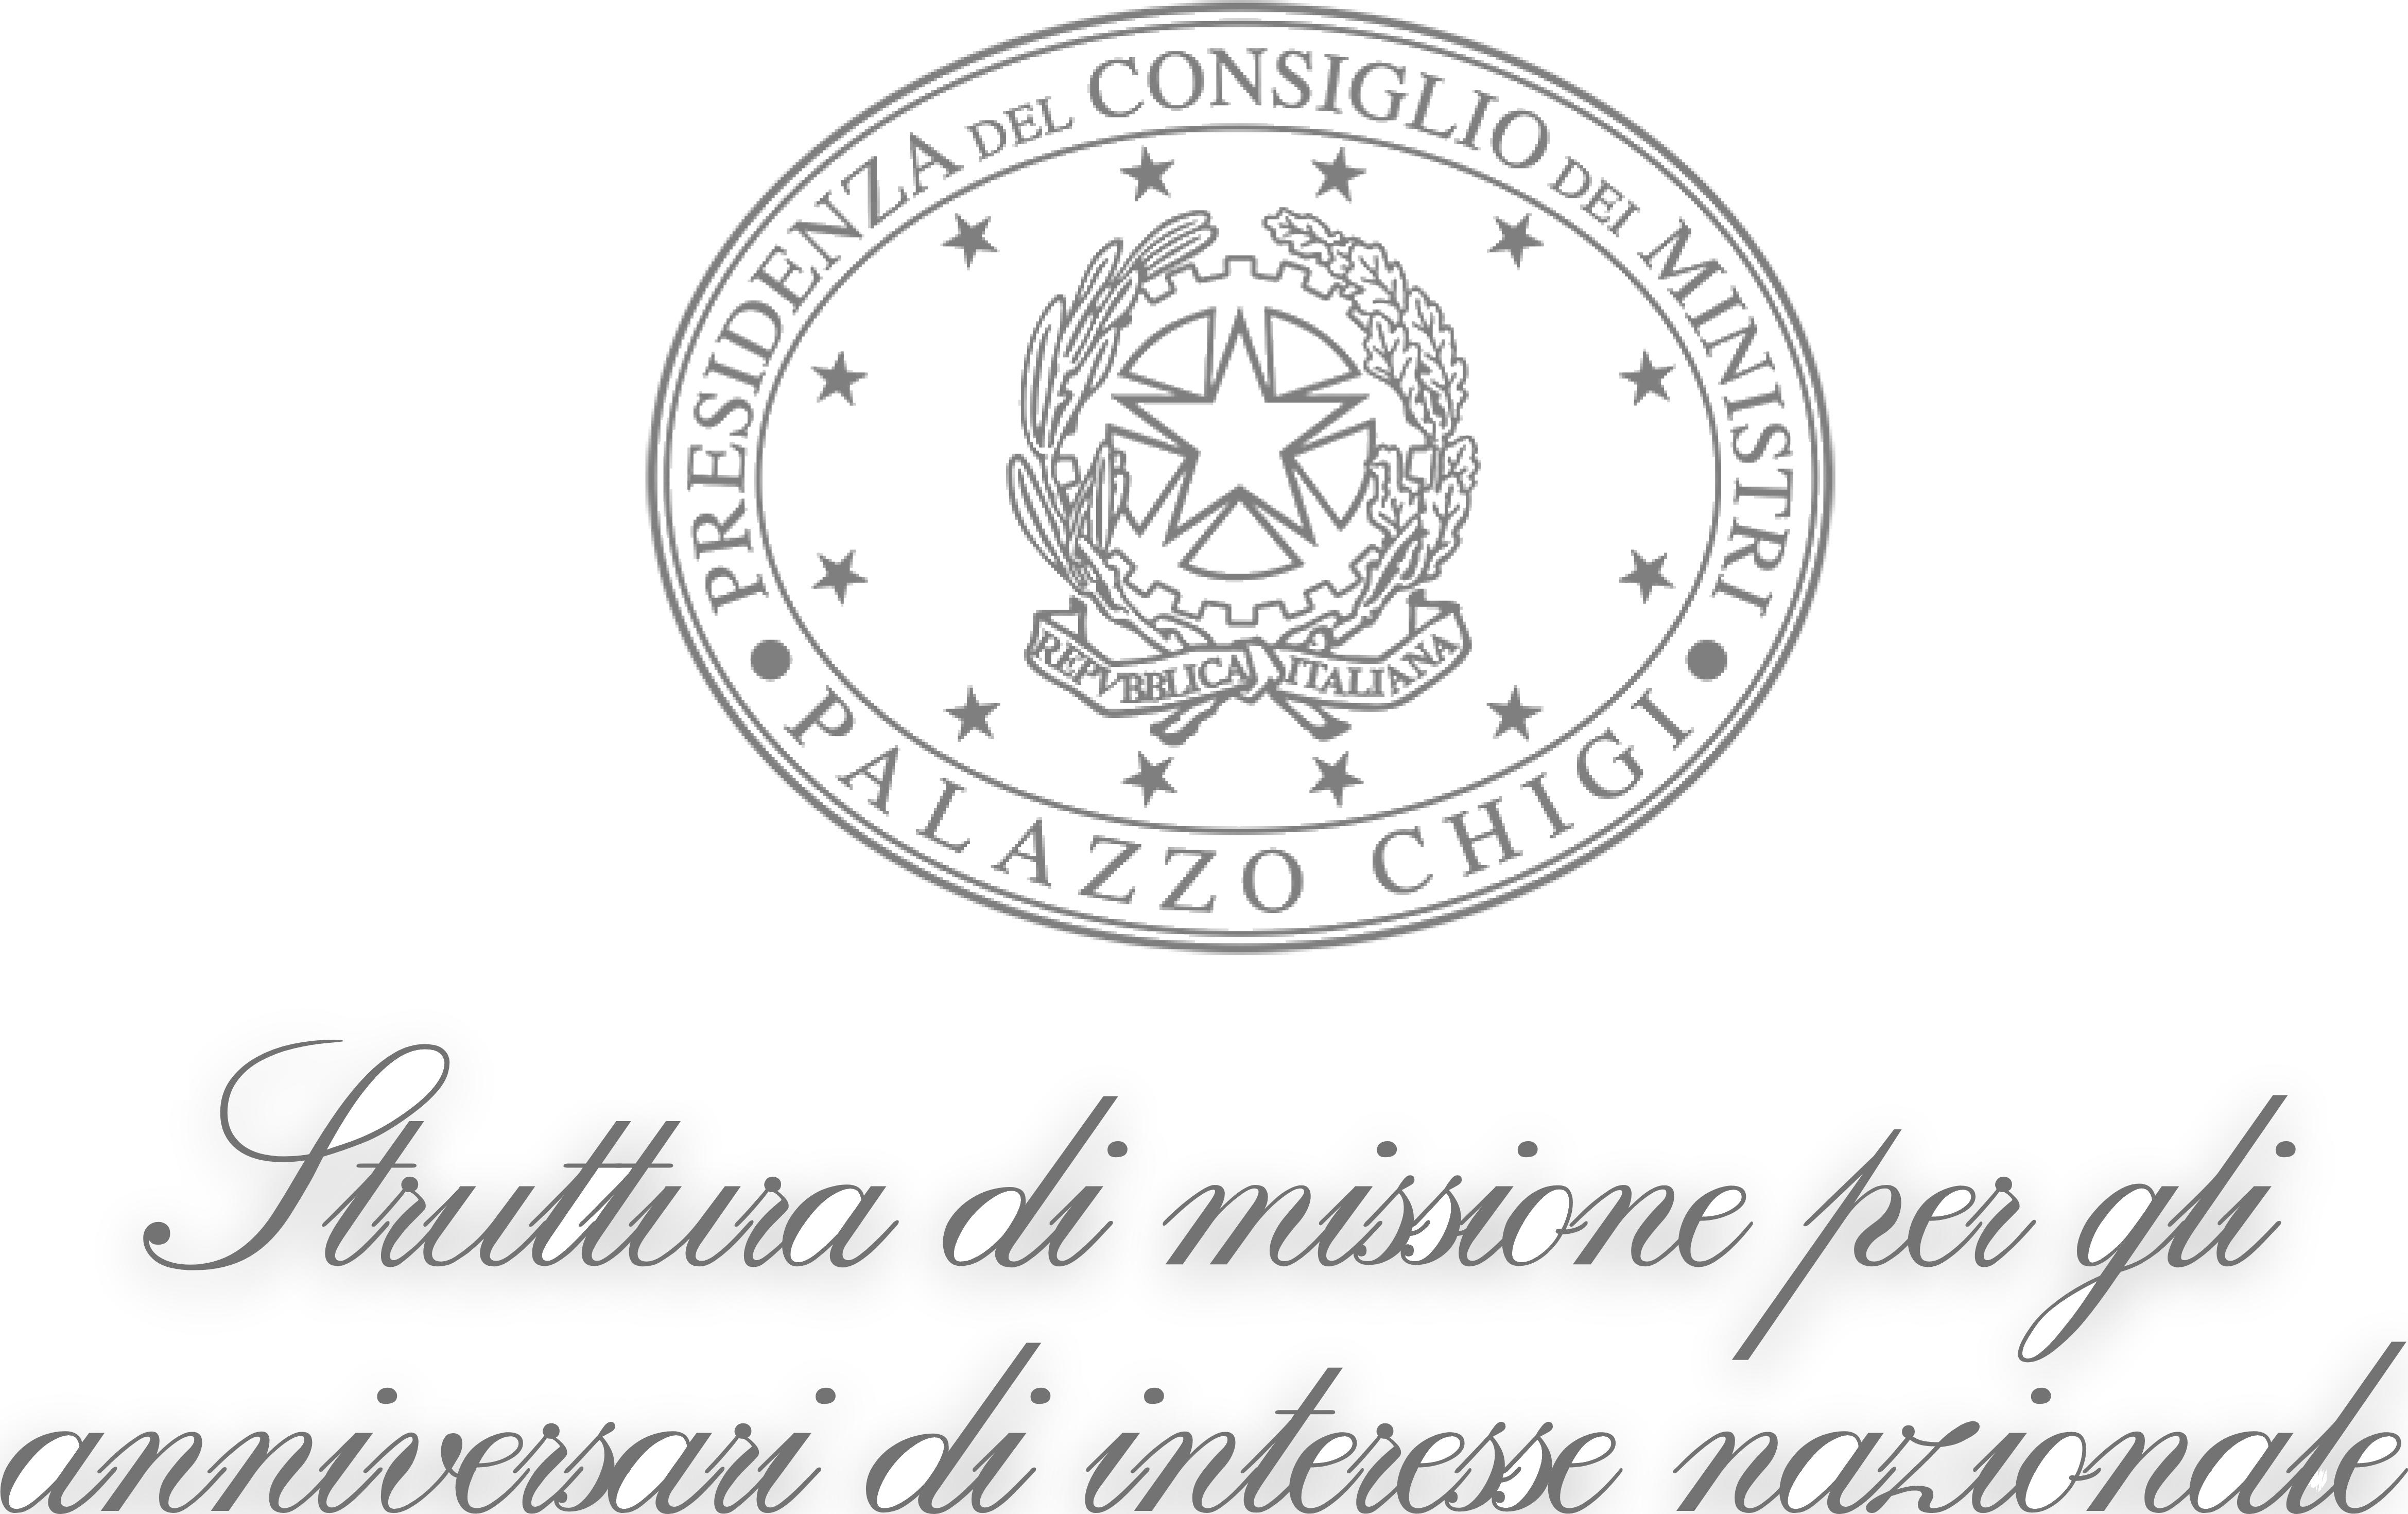 Presidenza del Consiglio dei Ministri, Struttura di Missione per gli Anniversari di interesse nazionale